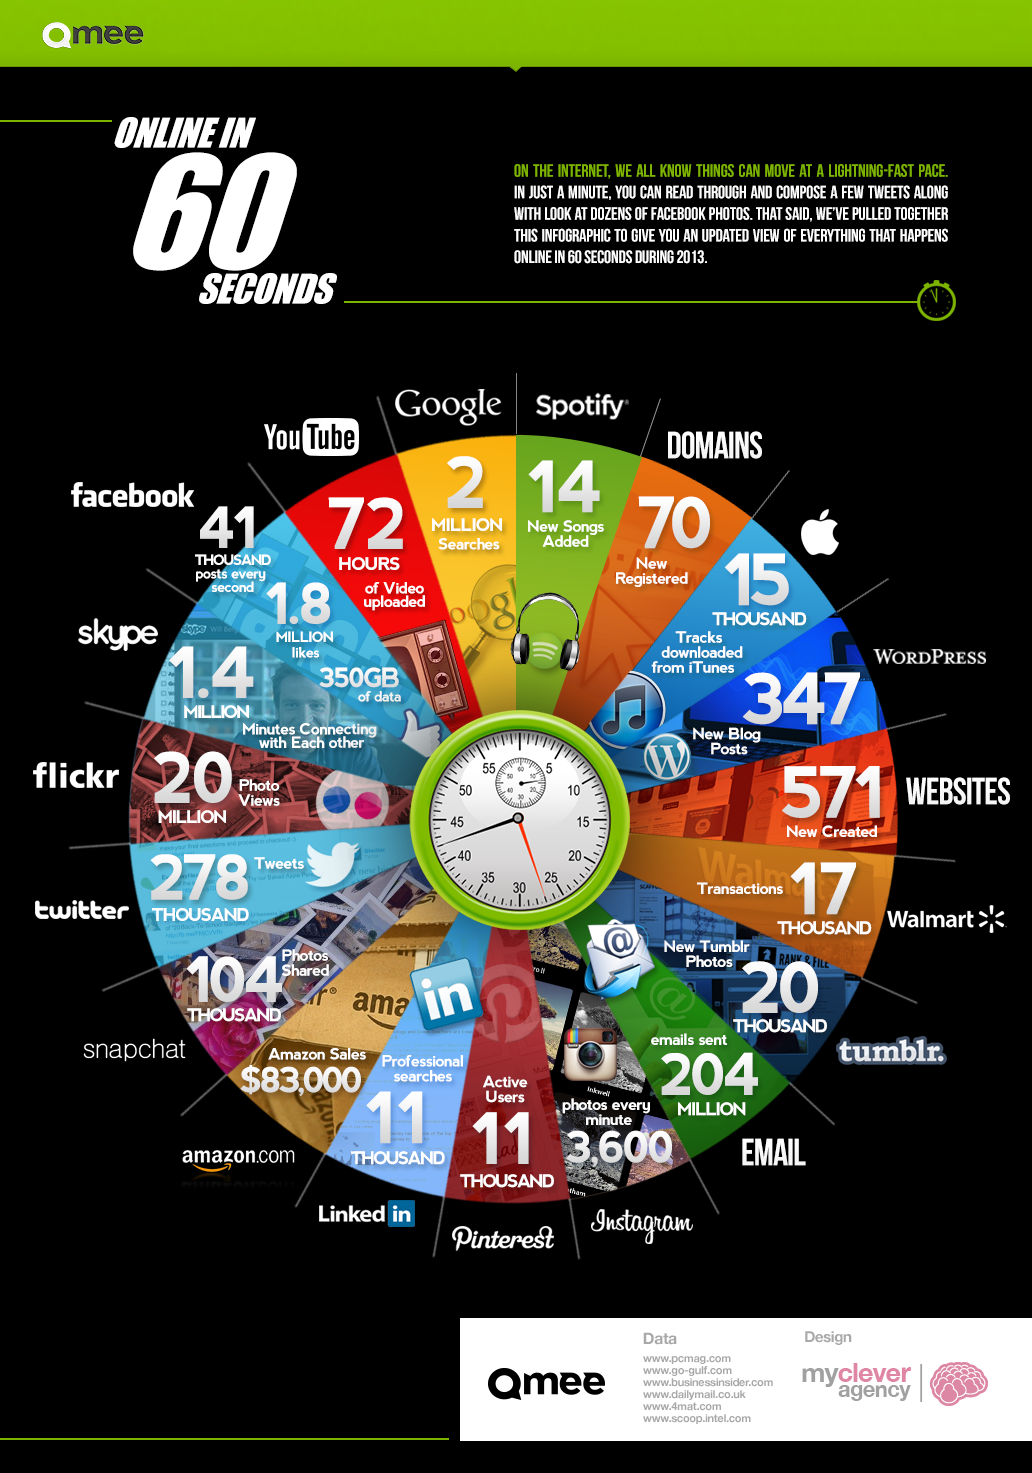 Qmee Online in 60 Seconds Infographic